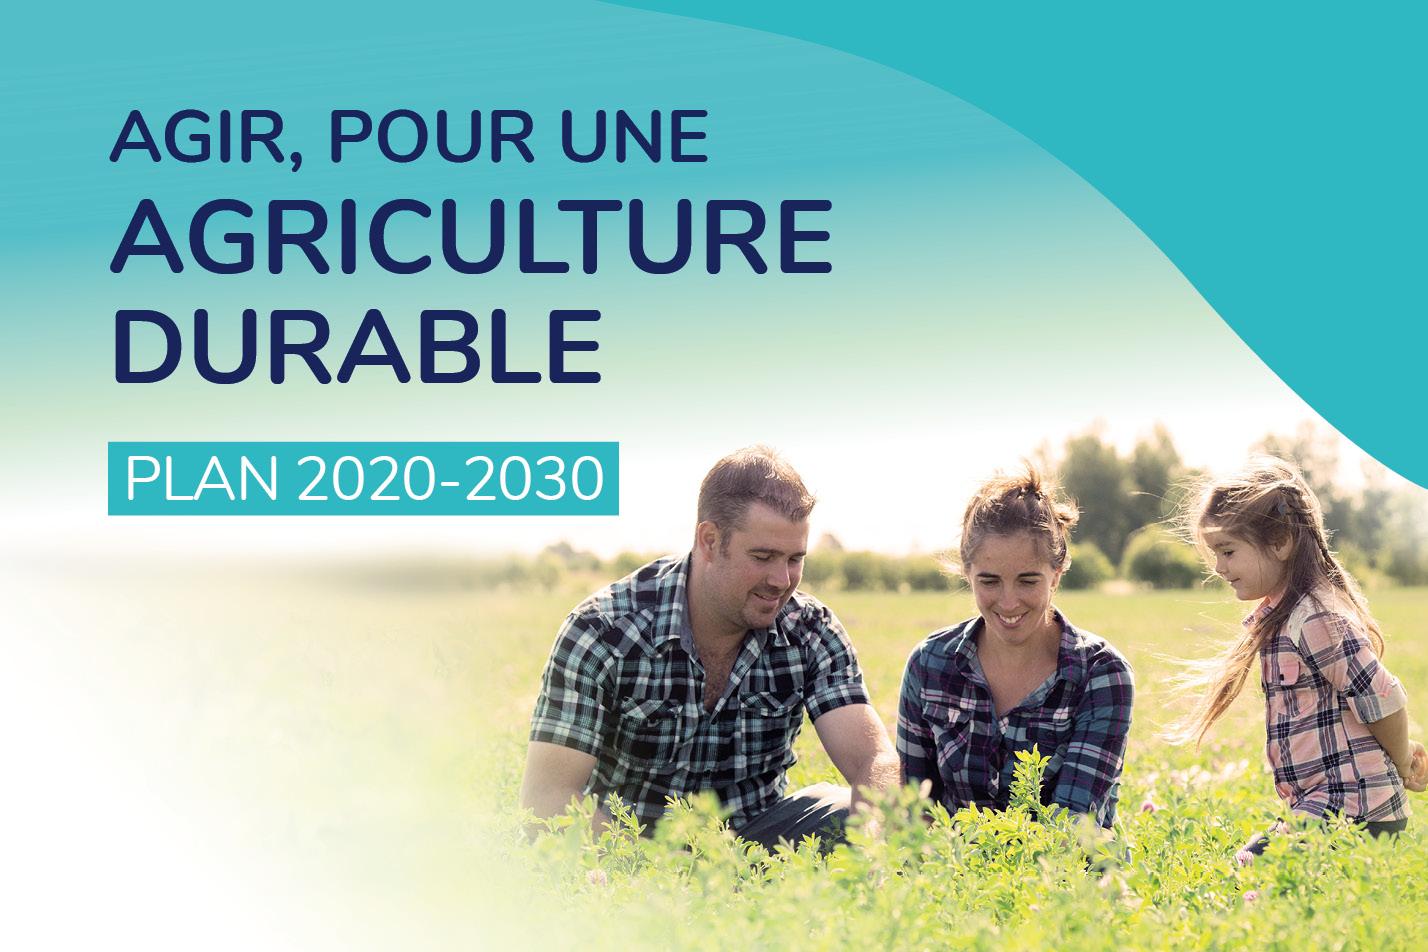 Agir, pour une agriculture durable -  Plan 2020-2030